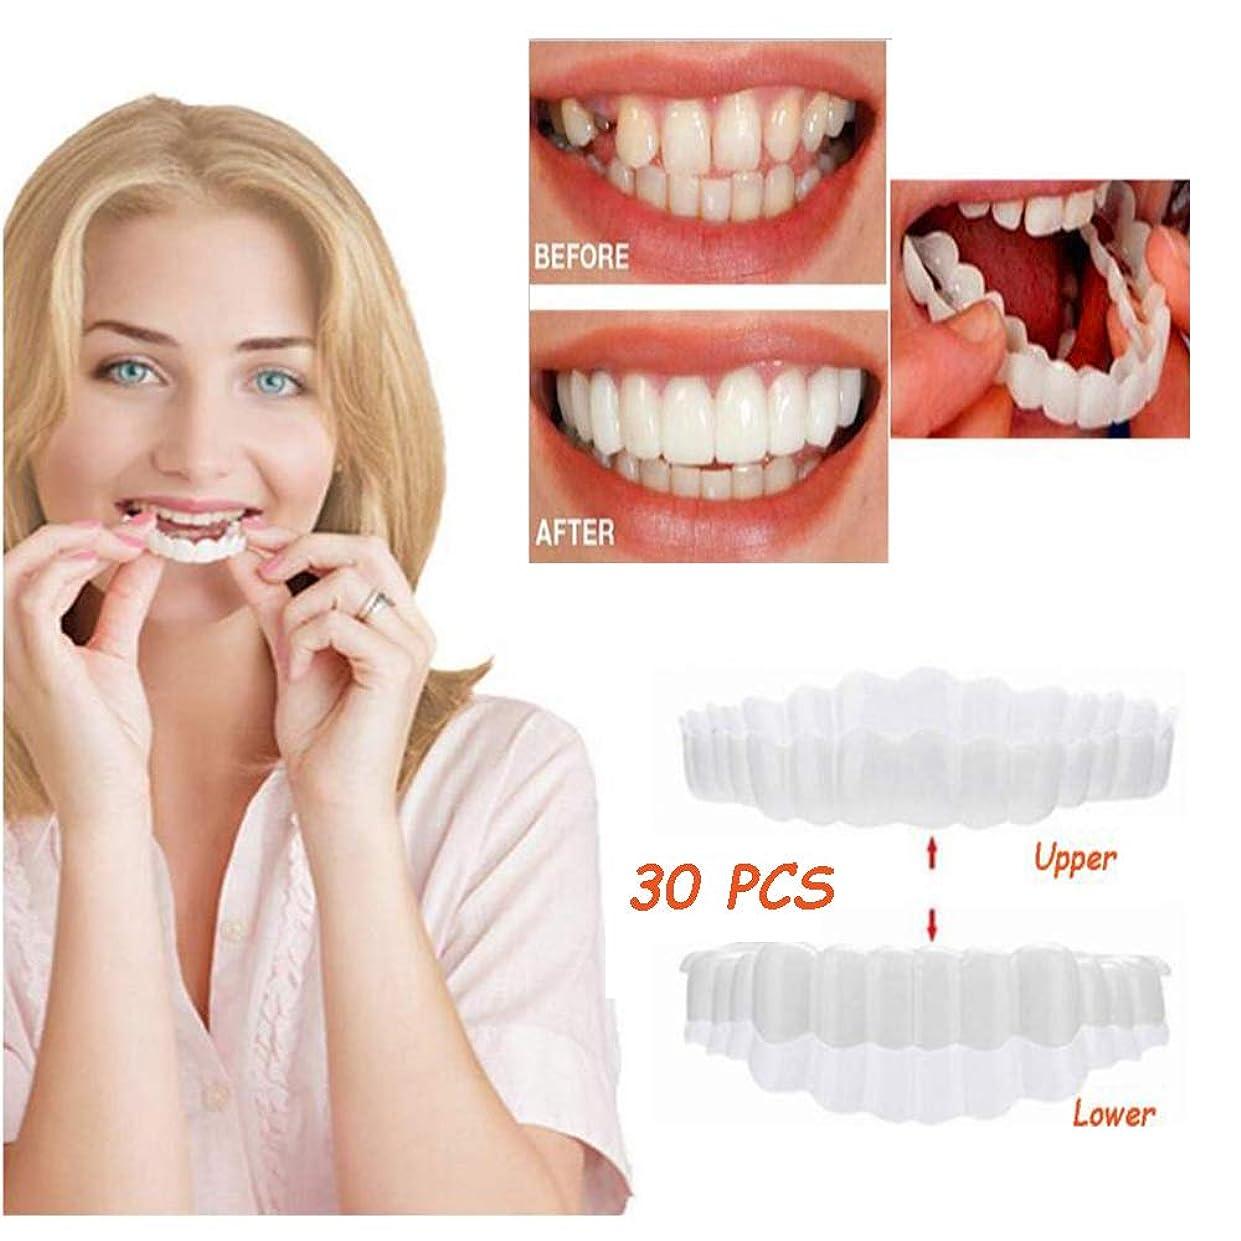 麻痺約束する嵐の30個歯の化粧化粧板の美しい笑顔義歯ケアクリエイティブ歯の一時的なブレースワンサイズはほとんどの歯のベニヤにフィット(下+上)